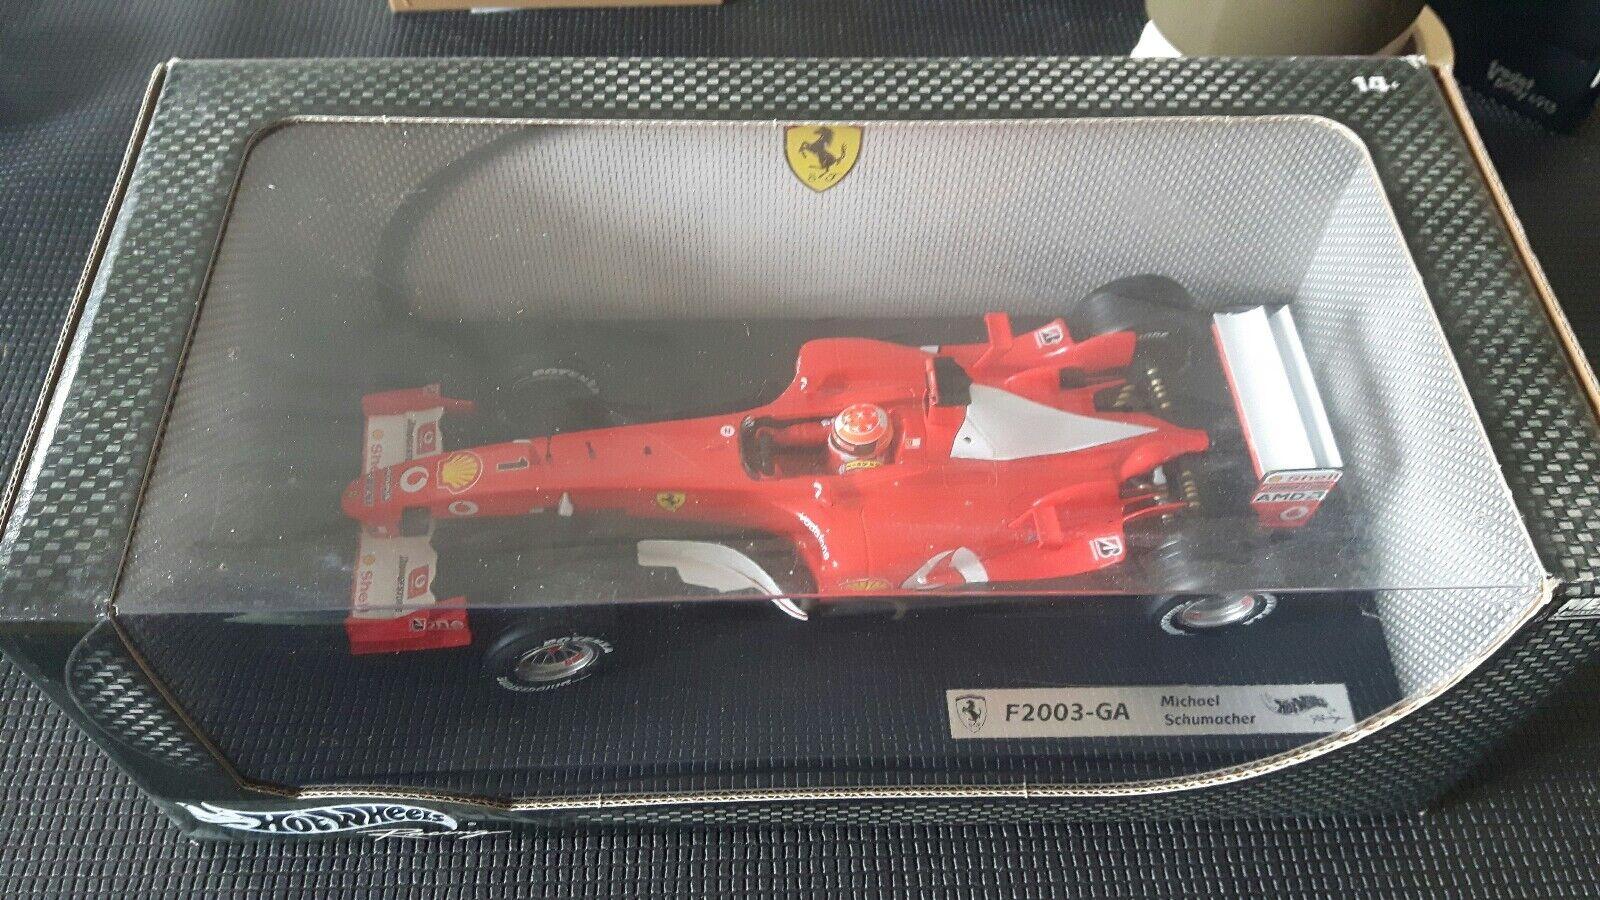 F1 Ferrari F  2003 GA  M. SCHUMACHER  wc 1 18  direct usine